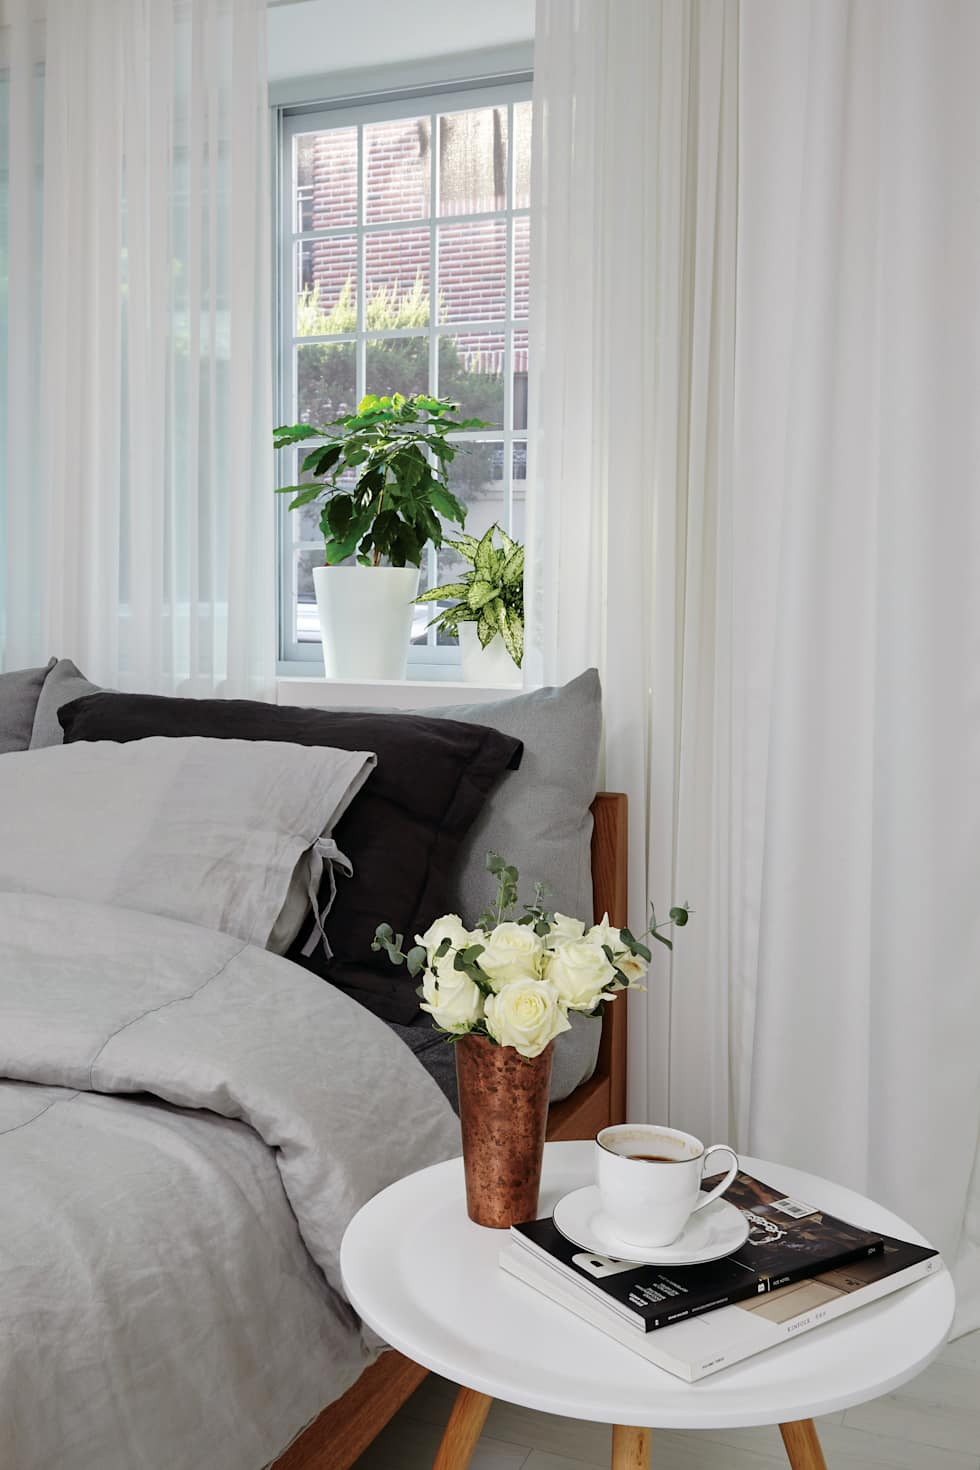 연남동 집 복층 빌라 인테리어: 노르딕앤의 침실